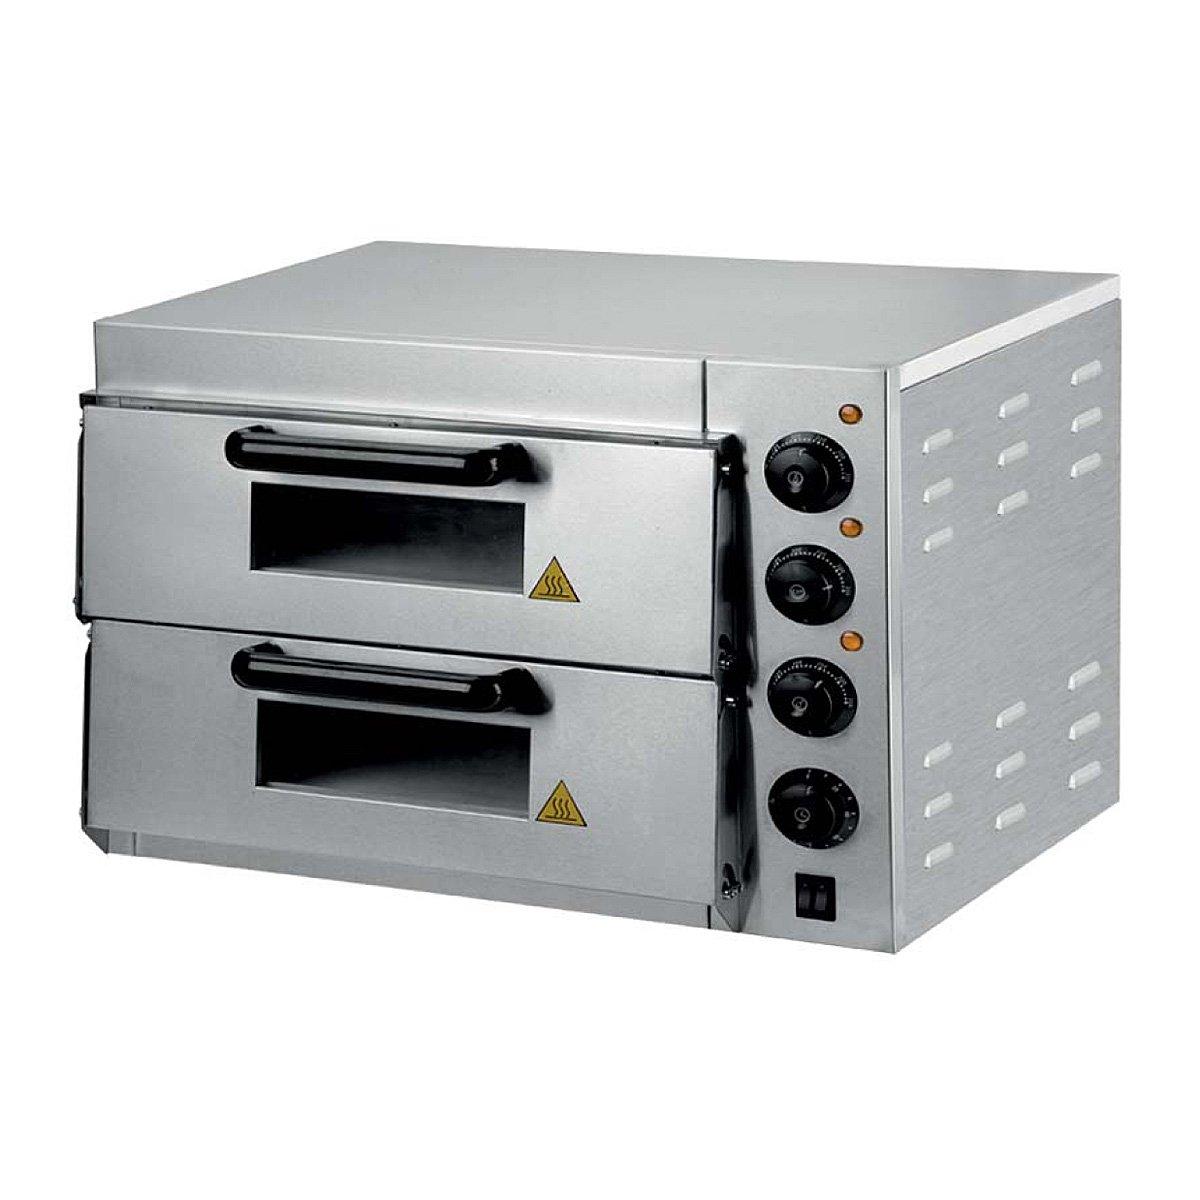 Forno elettrico per pizza ep1 1 edo - Forno per pizza elettrico ...